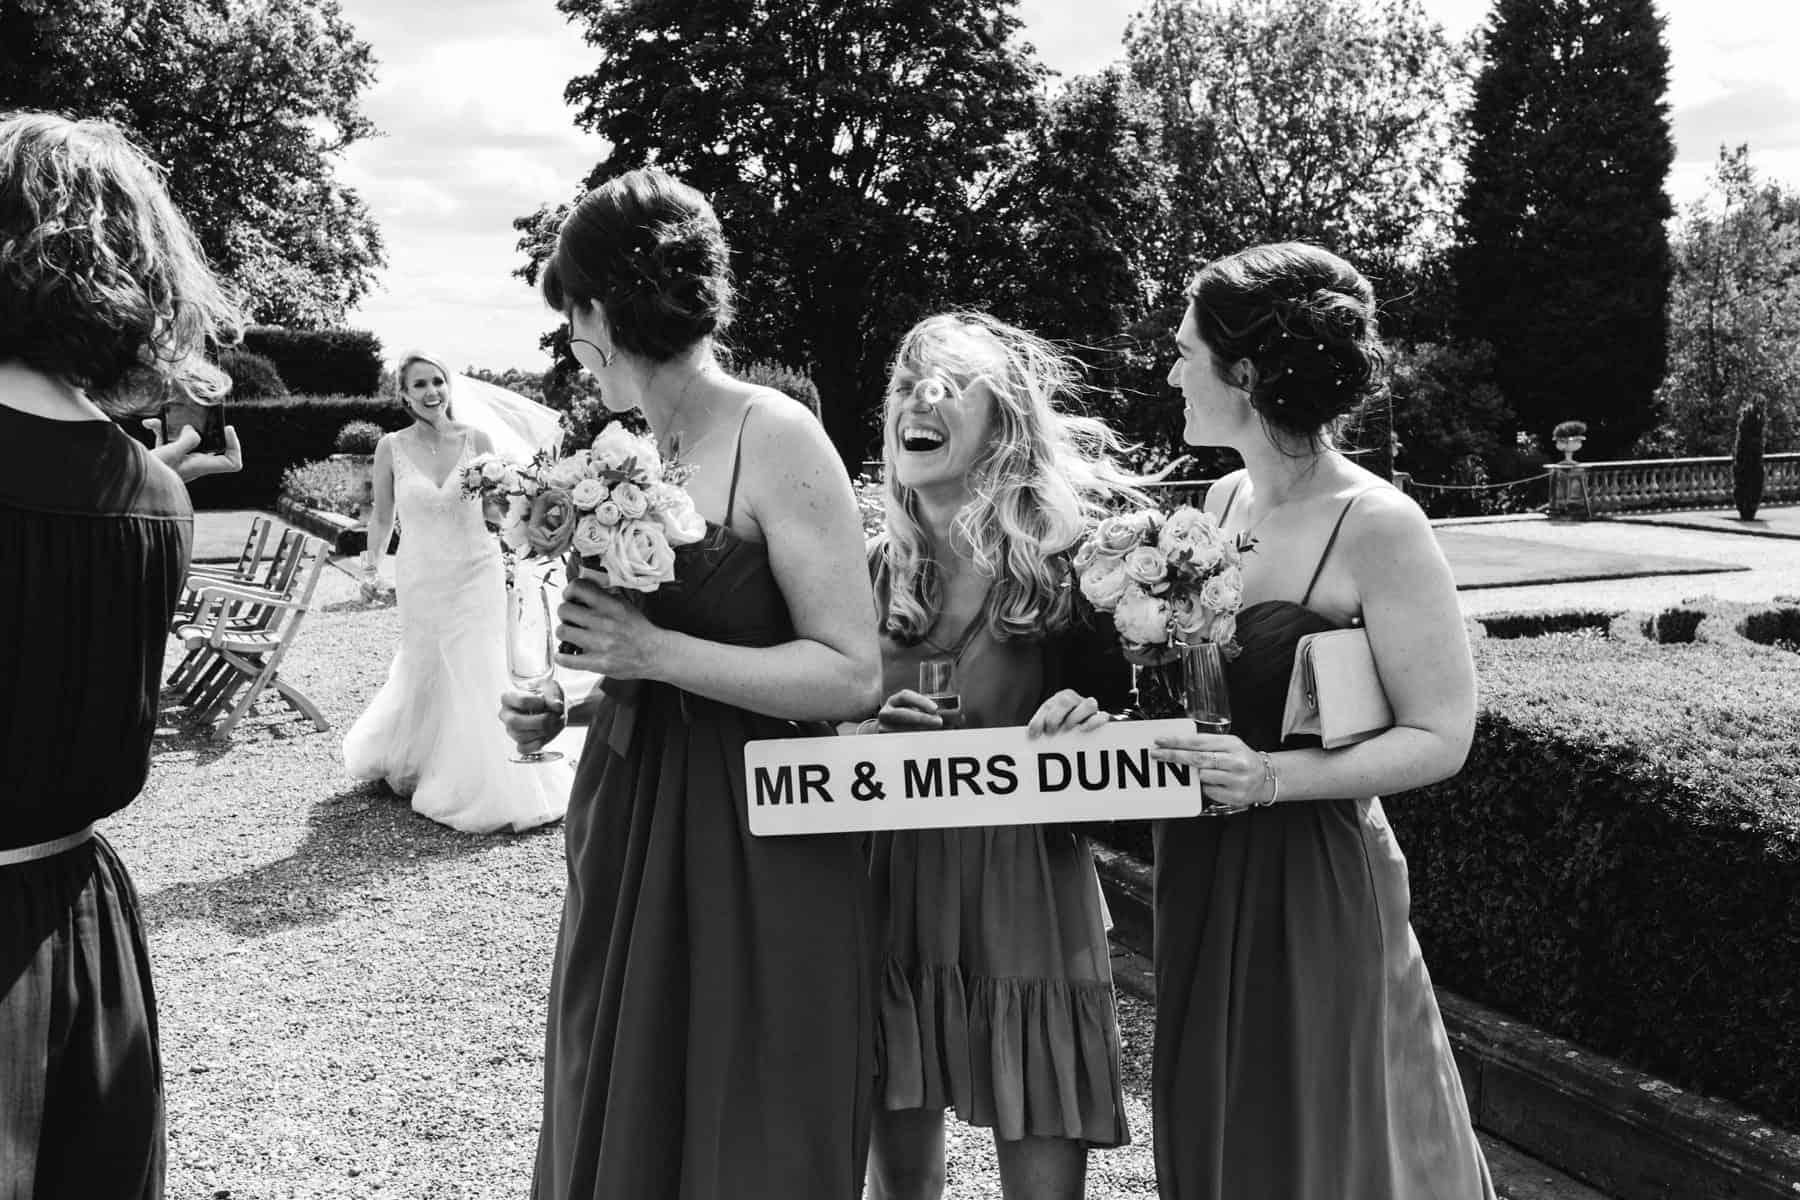 wedding photography candid (1 of 1)